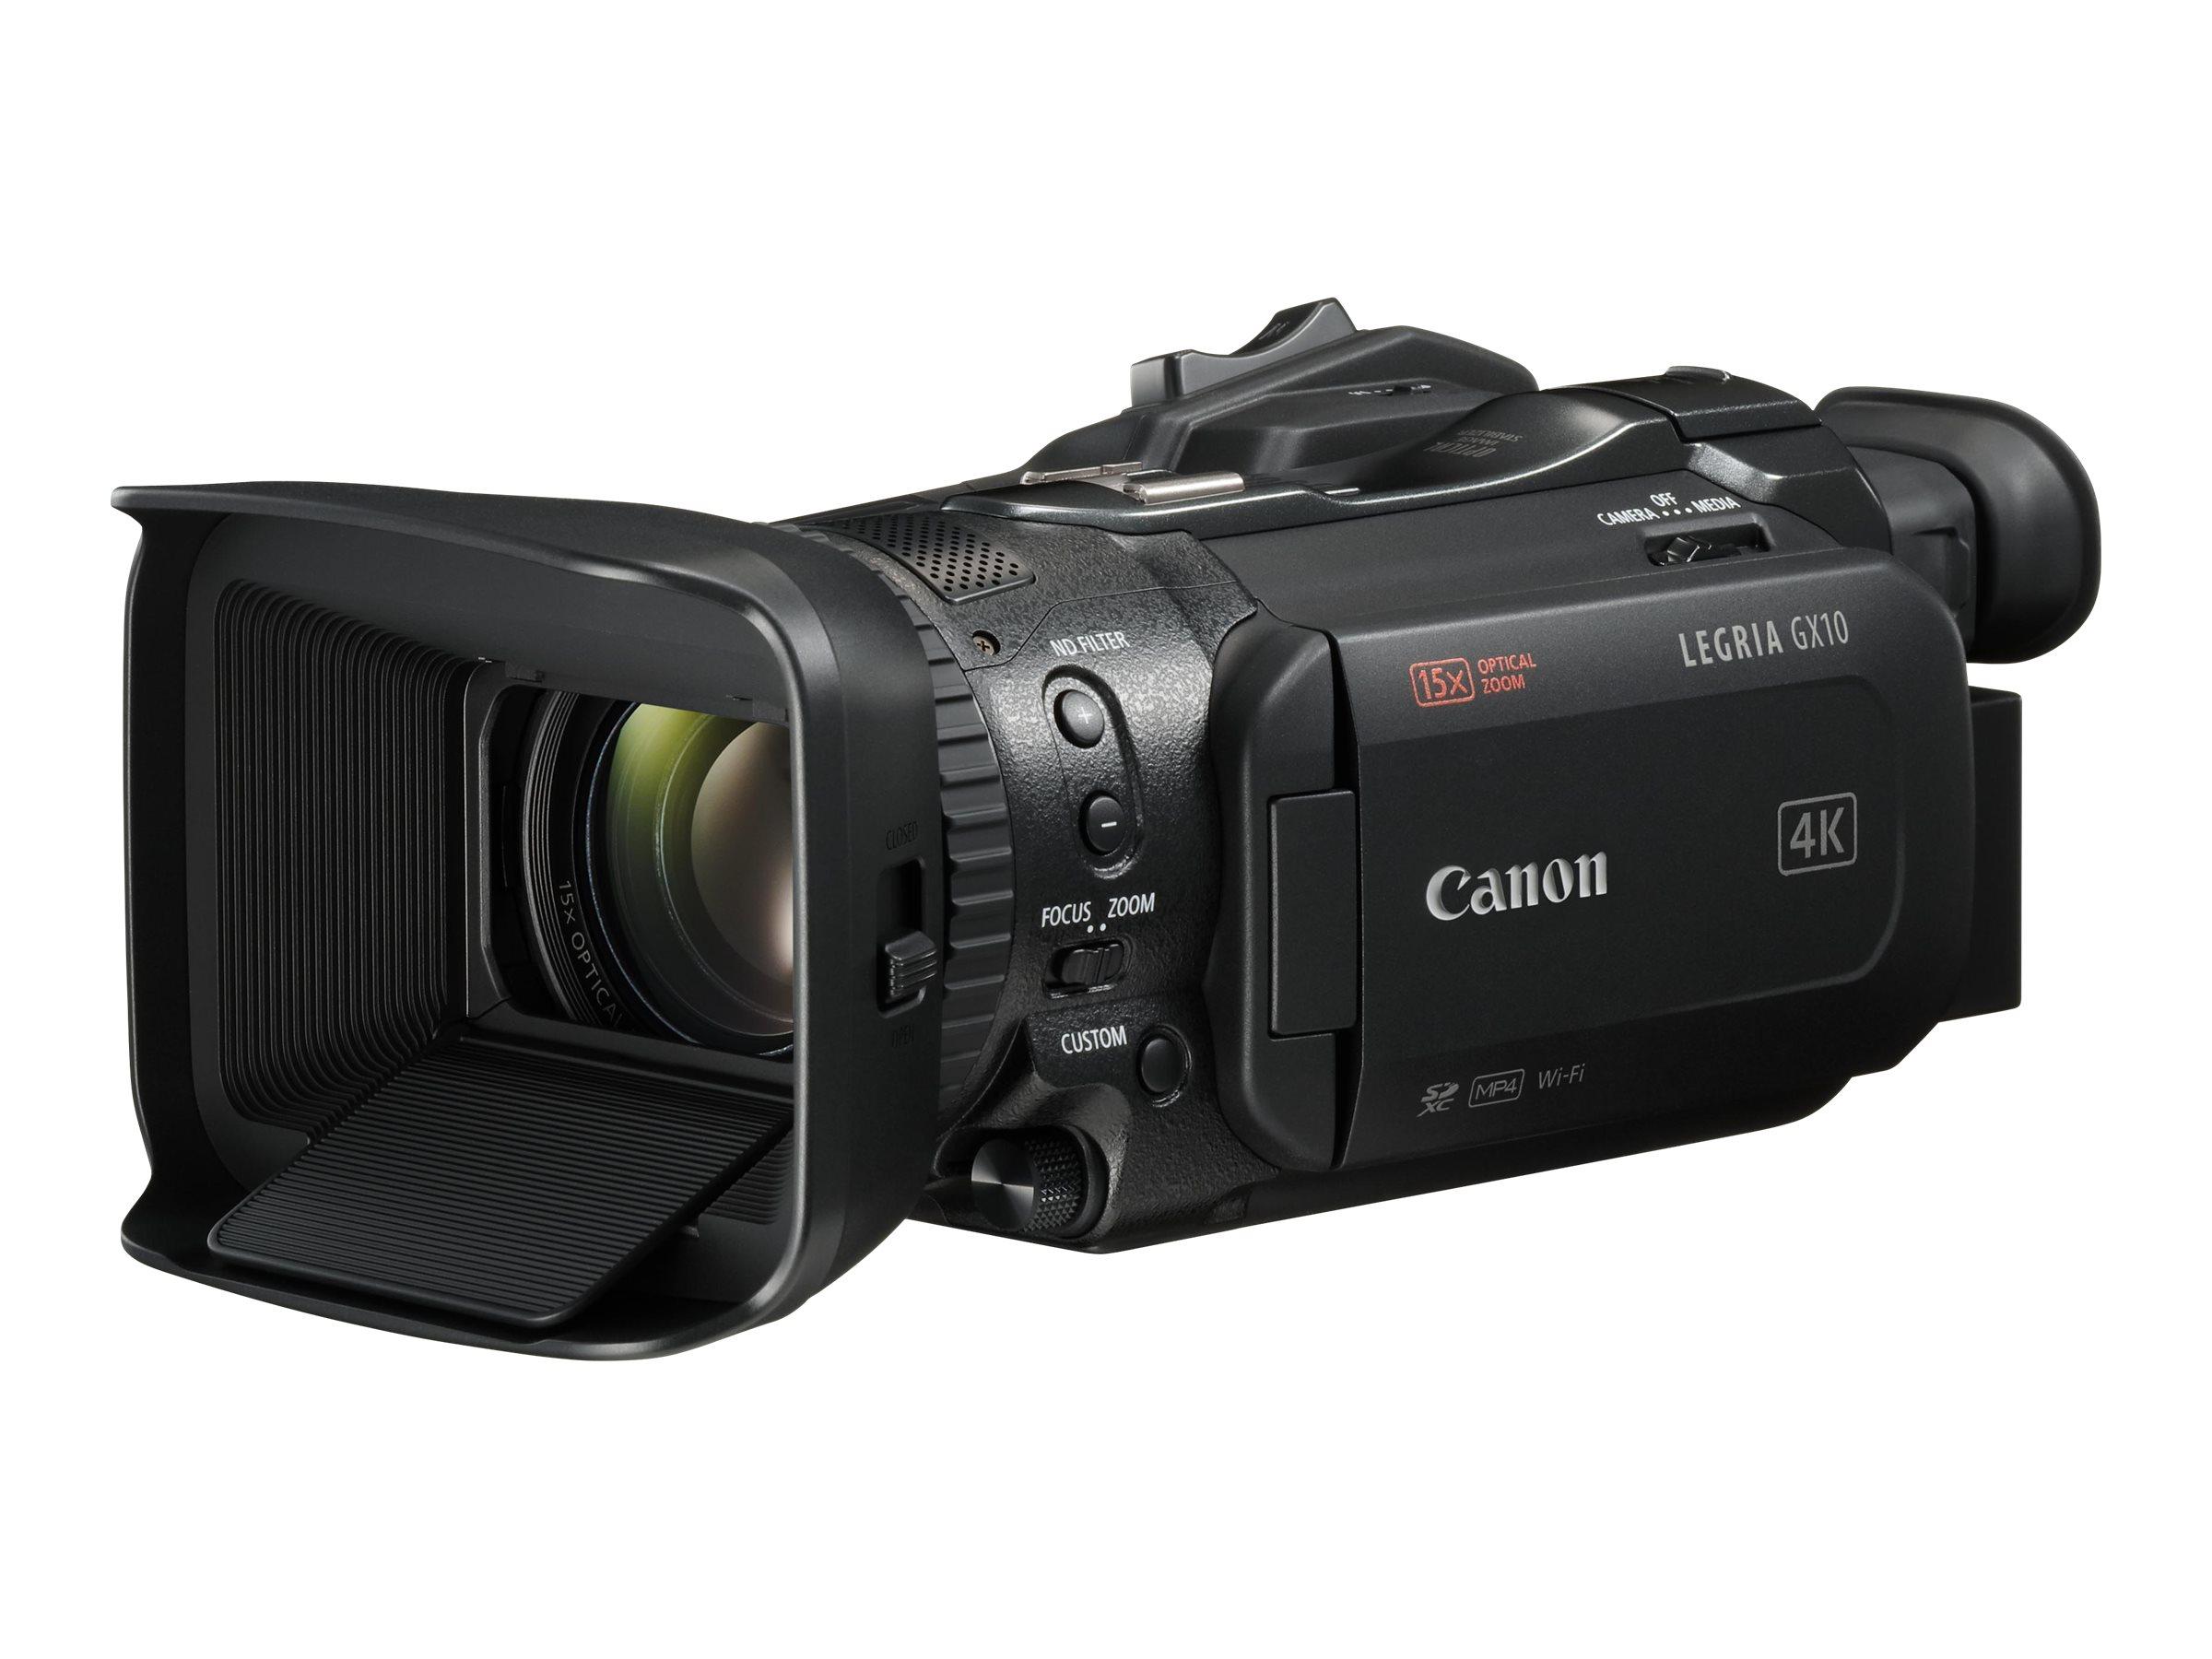 Canon LEGRIA GX10 - Camcorder - 4K / 50 BpS - 13.4 MPix - 15x optischer Zoom - Flash-Karte